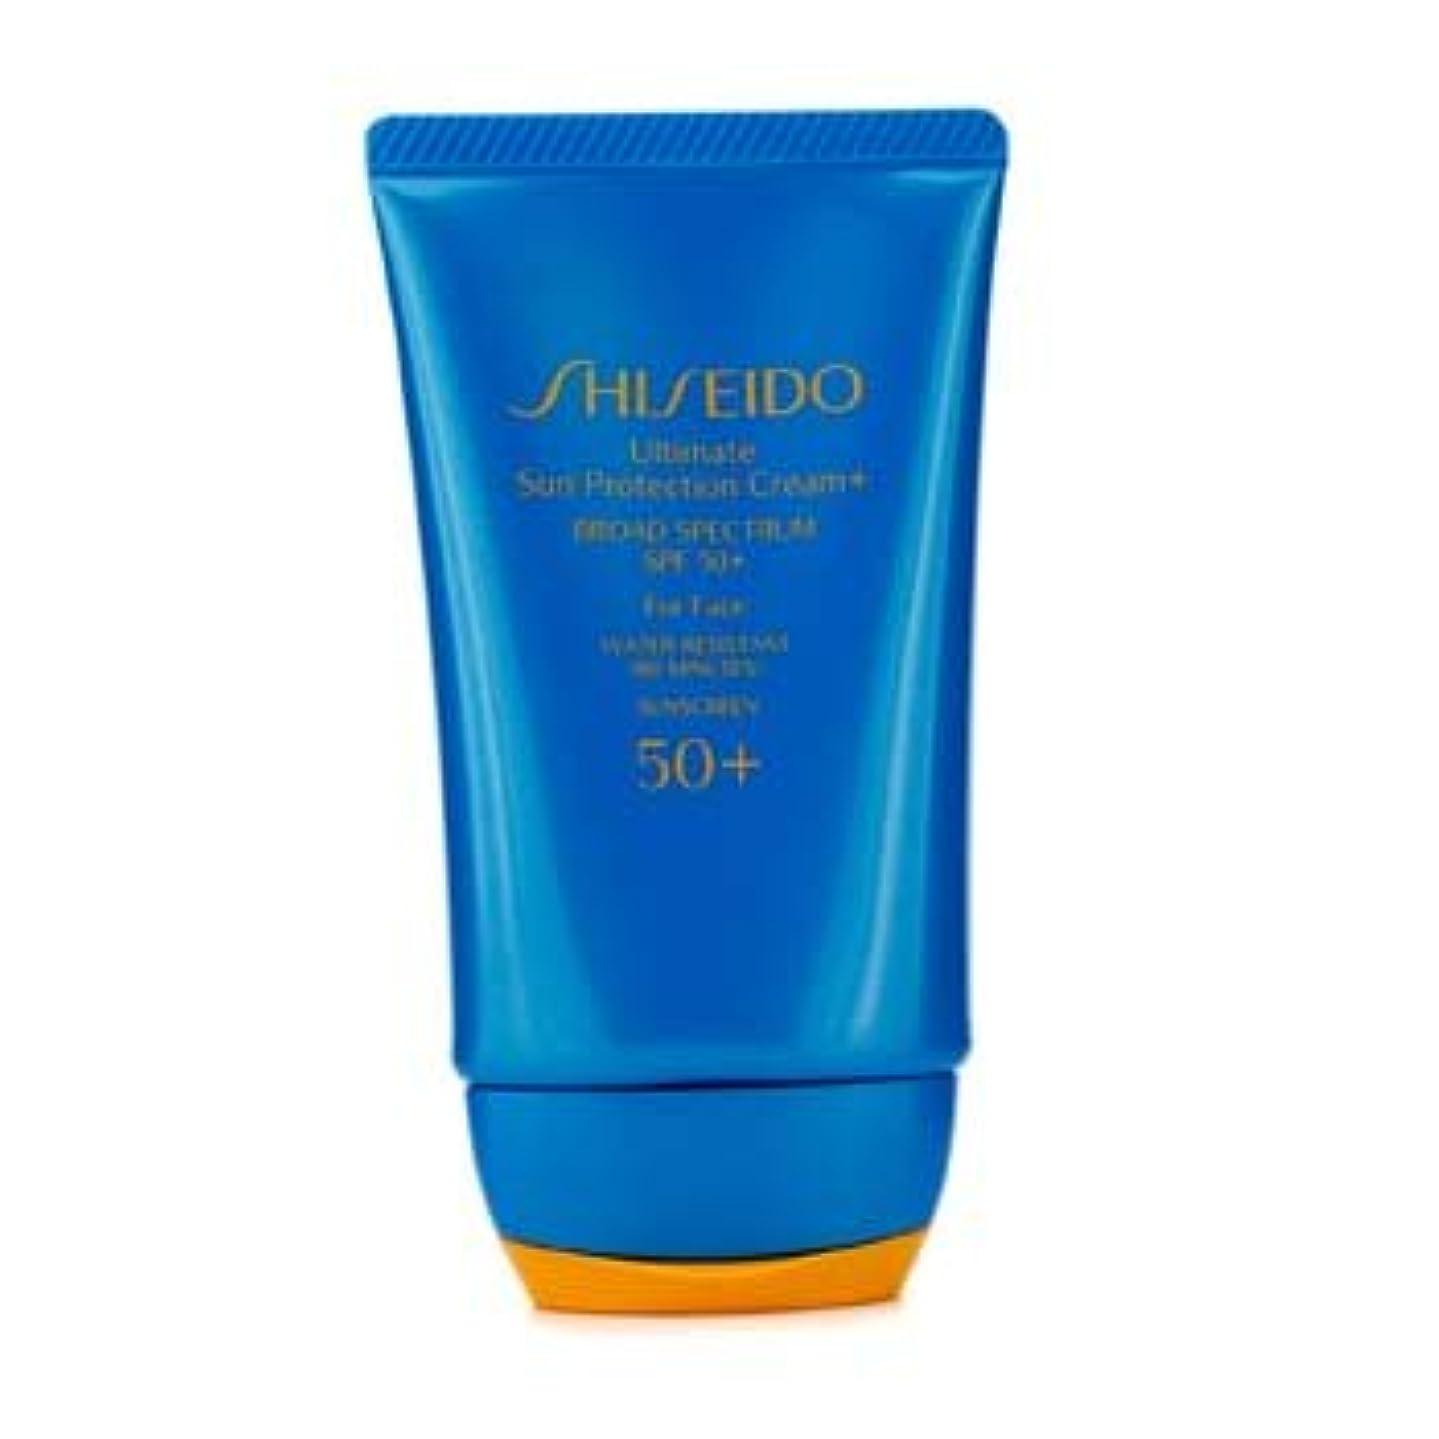 経由で盲目呼び出す[Shiseido] Ultimate Sun Protection Face Cream SPF 50+ 50ml/2.1oz